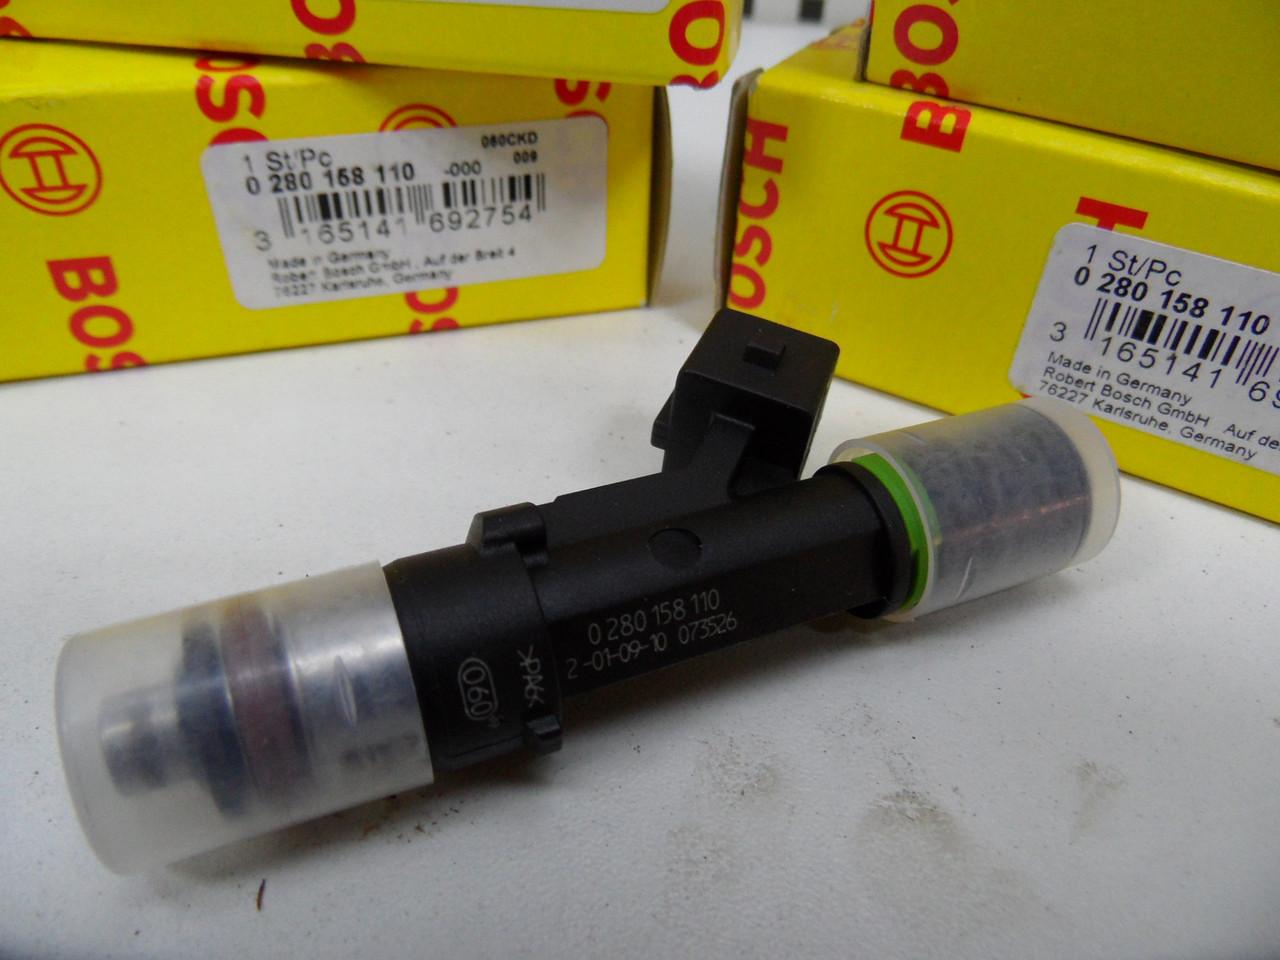 Форсунка бензиновая Bosch ВАЗ 0280158110, 0 280 158 110, 0280150996, 0 280 150 996,